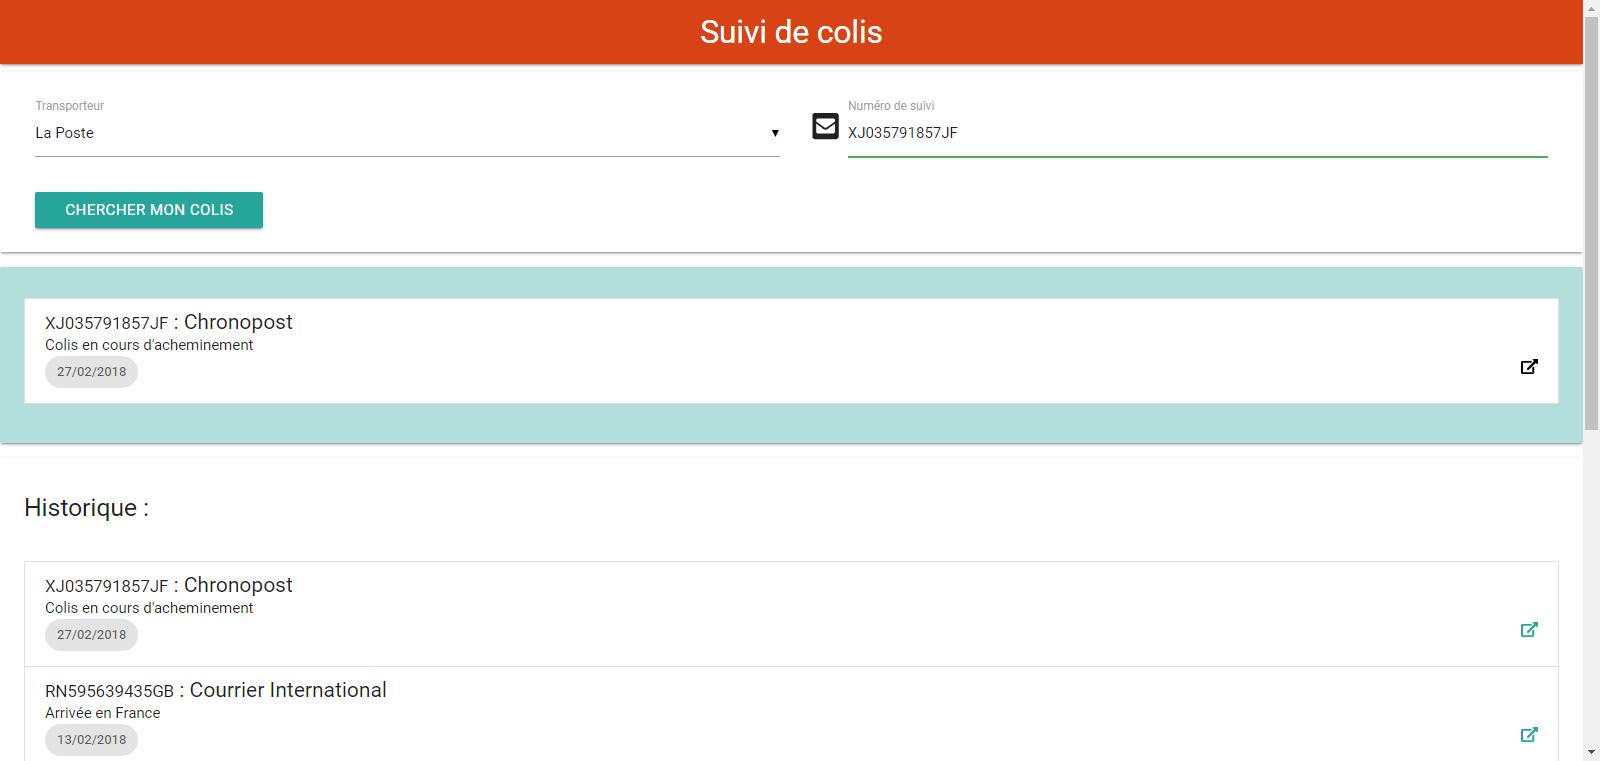 astucesweb.fr/projets/suivi-colis.php